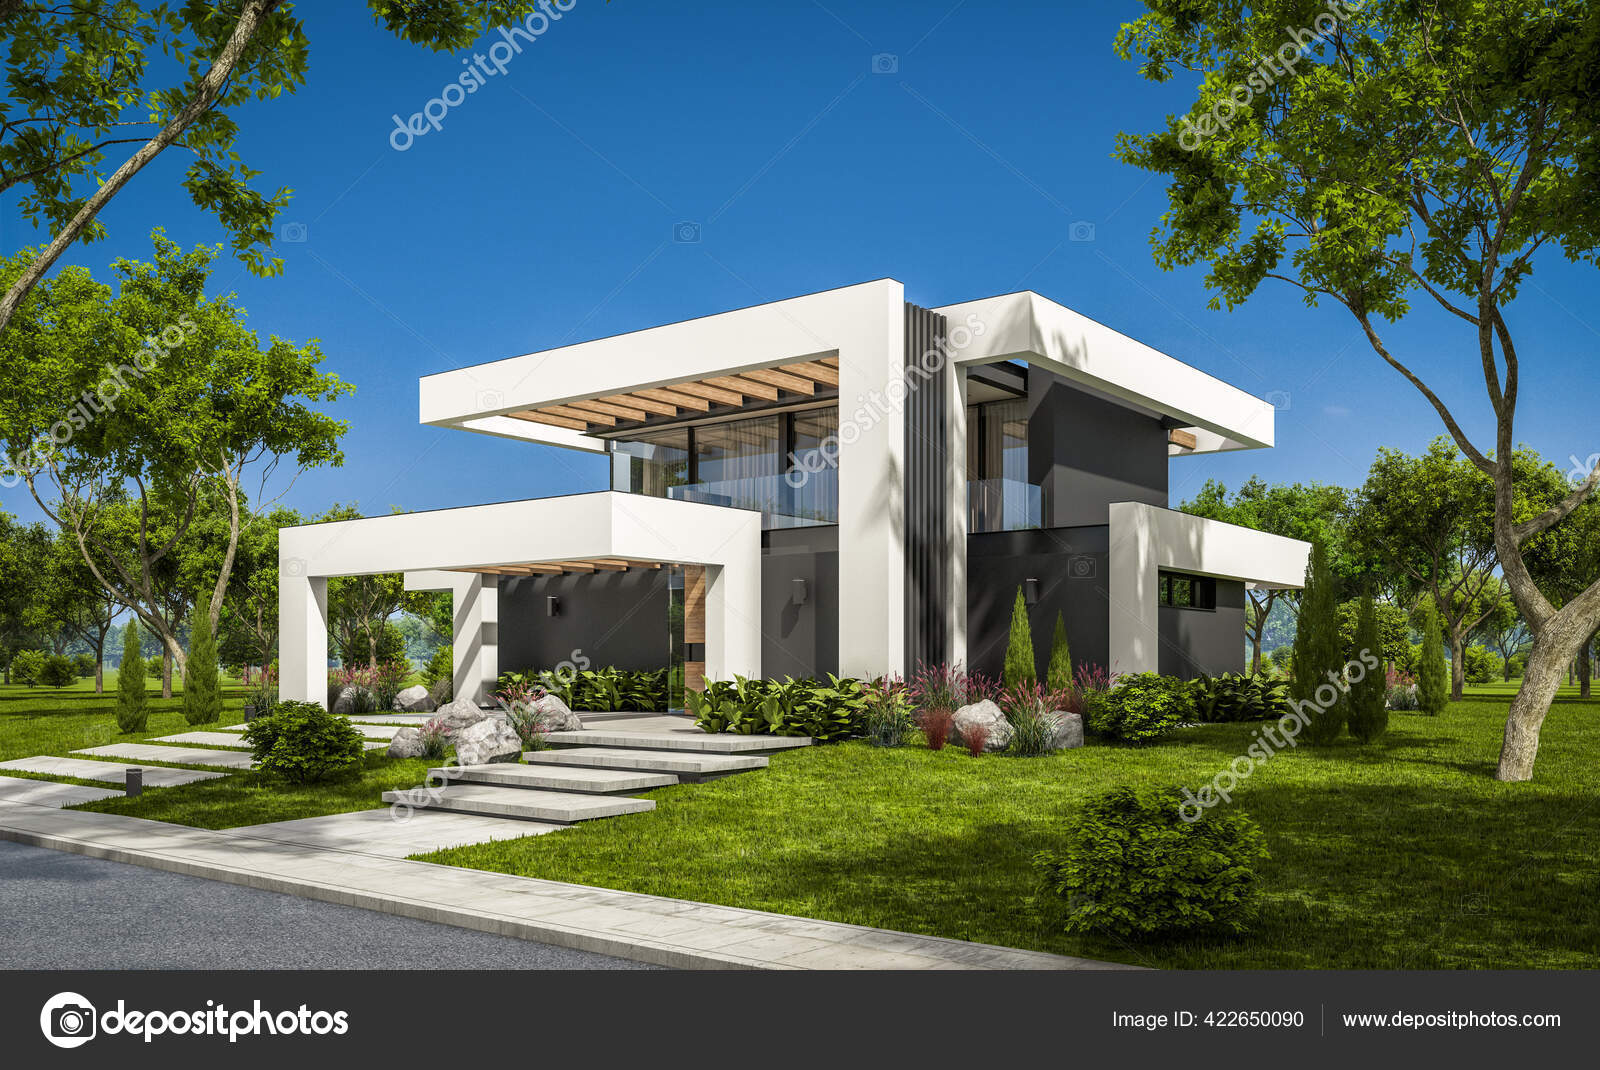 Rendu Maison Confortable Moderne Avec Piscine Parking Vendre Louer Dans Image Libre De Droit Par Korisbo Gmail Com C 422650090